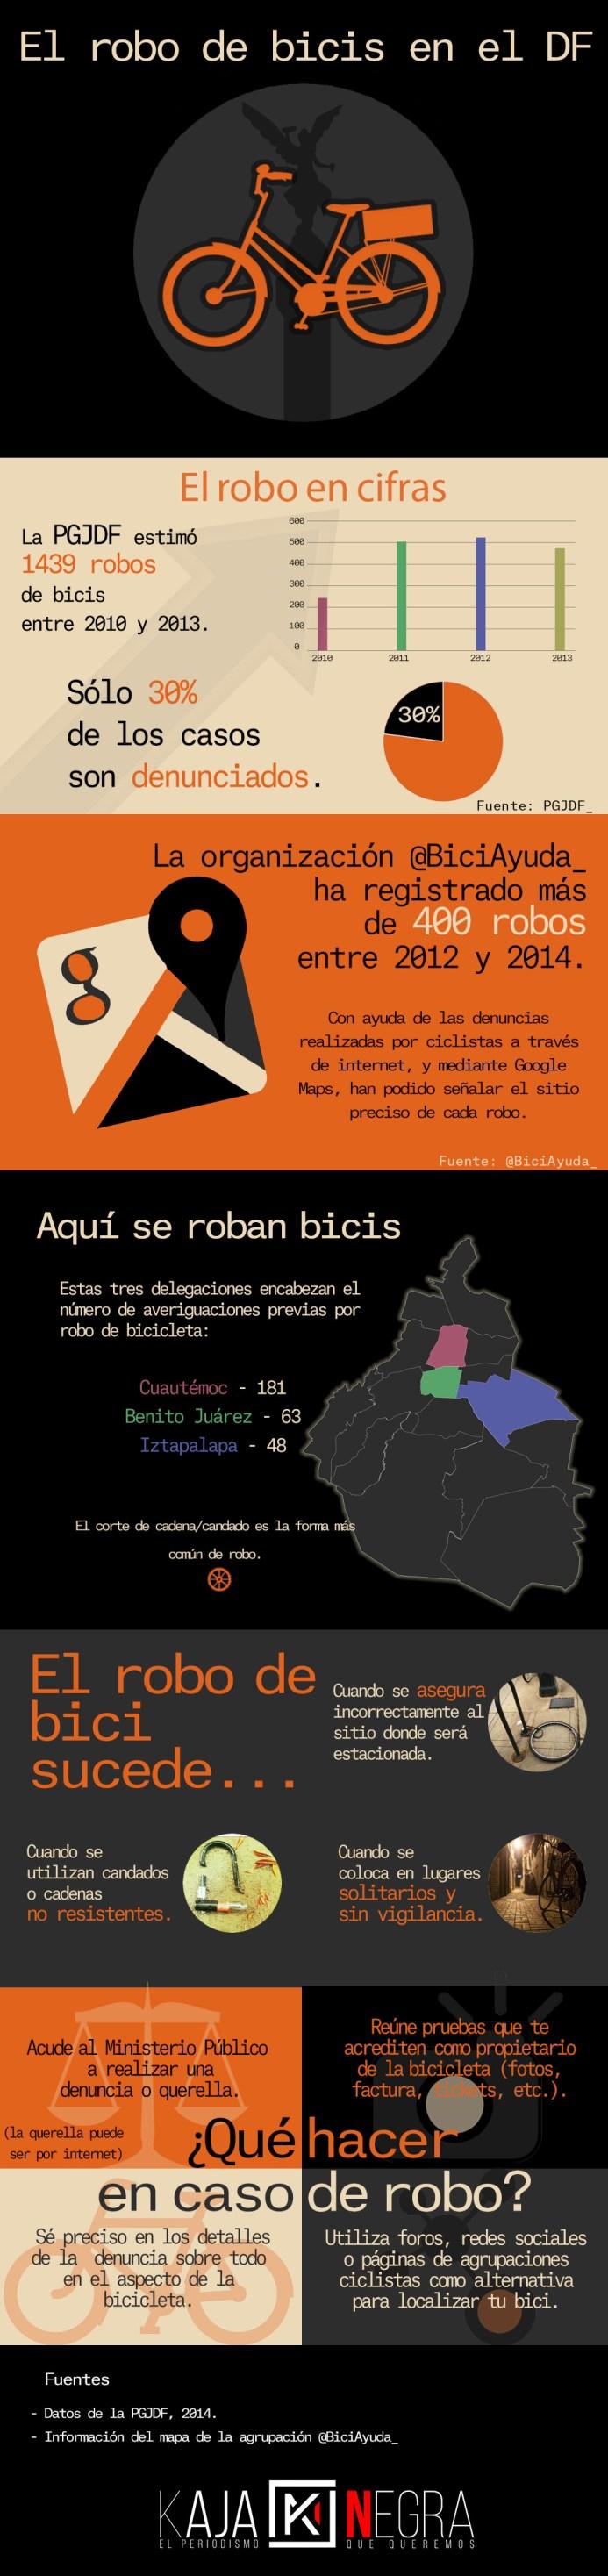 Infografía Robo de bicis en DF. Por César Palma